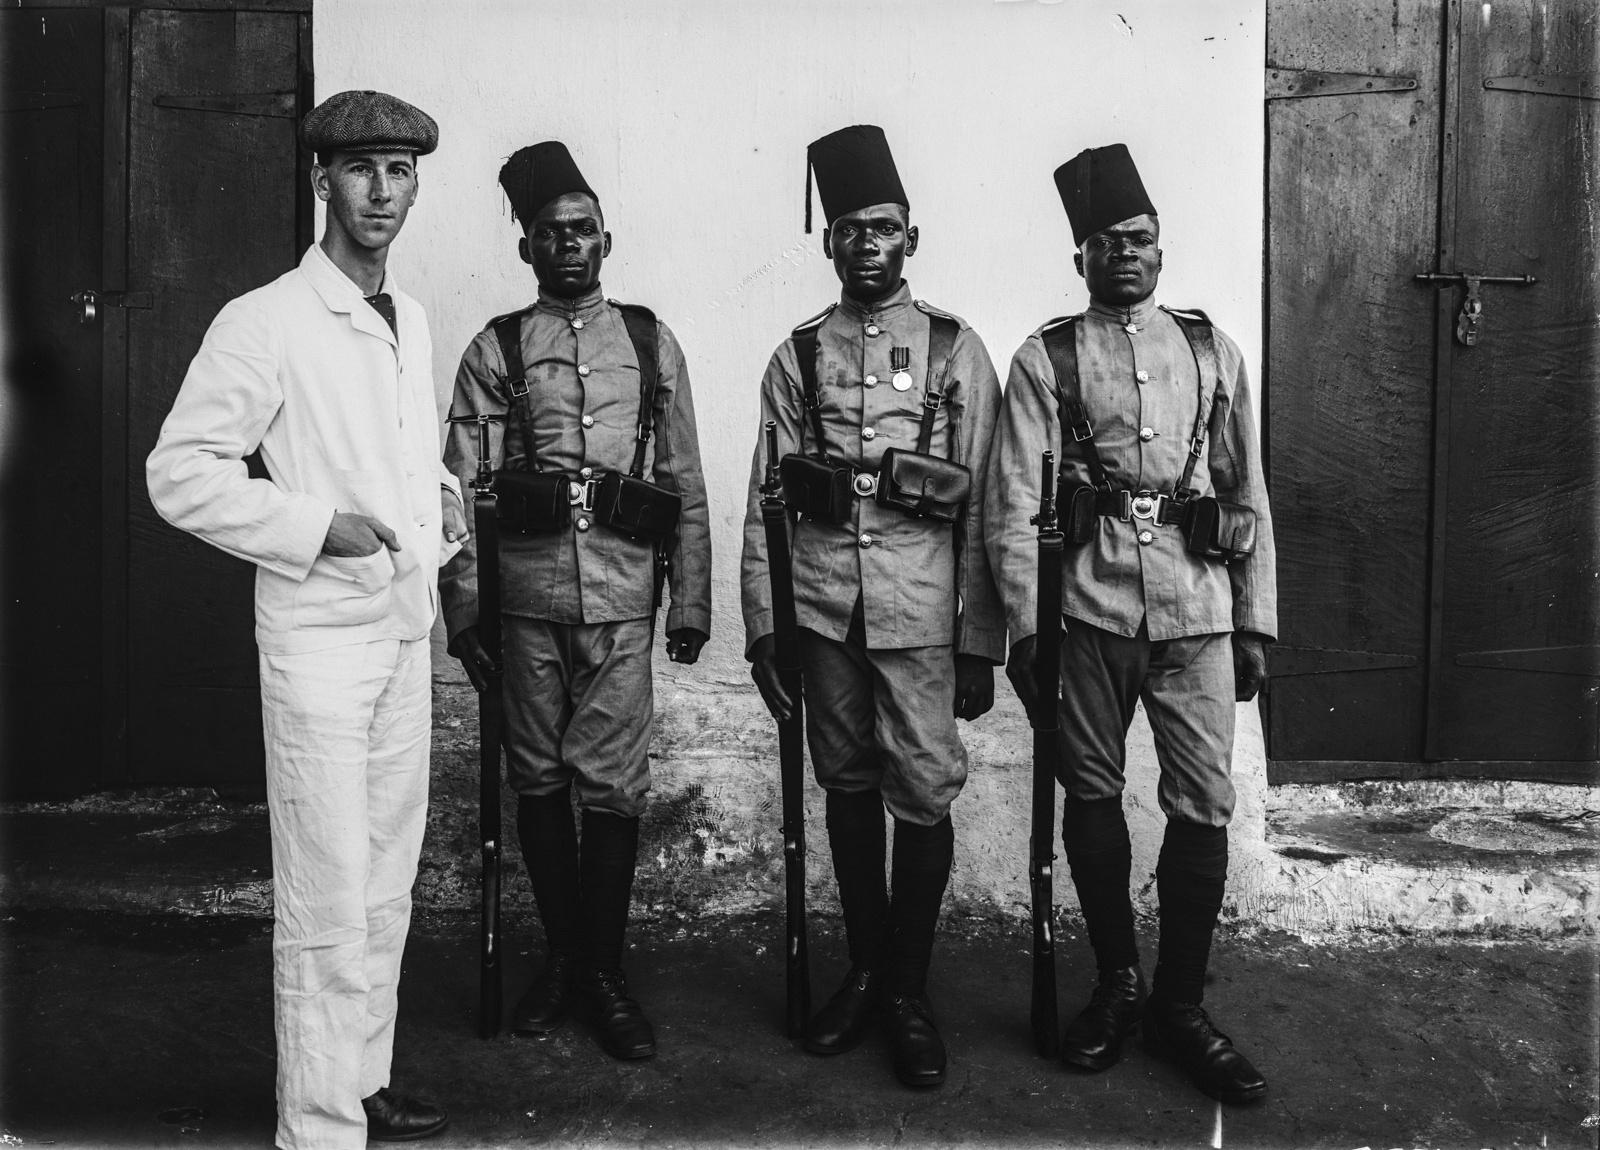 85. Групповой портрет трех солдат немецких колониальных войск и одного исследователя